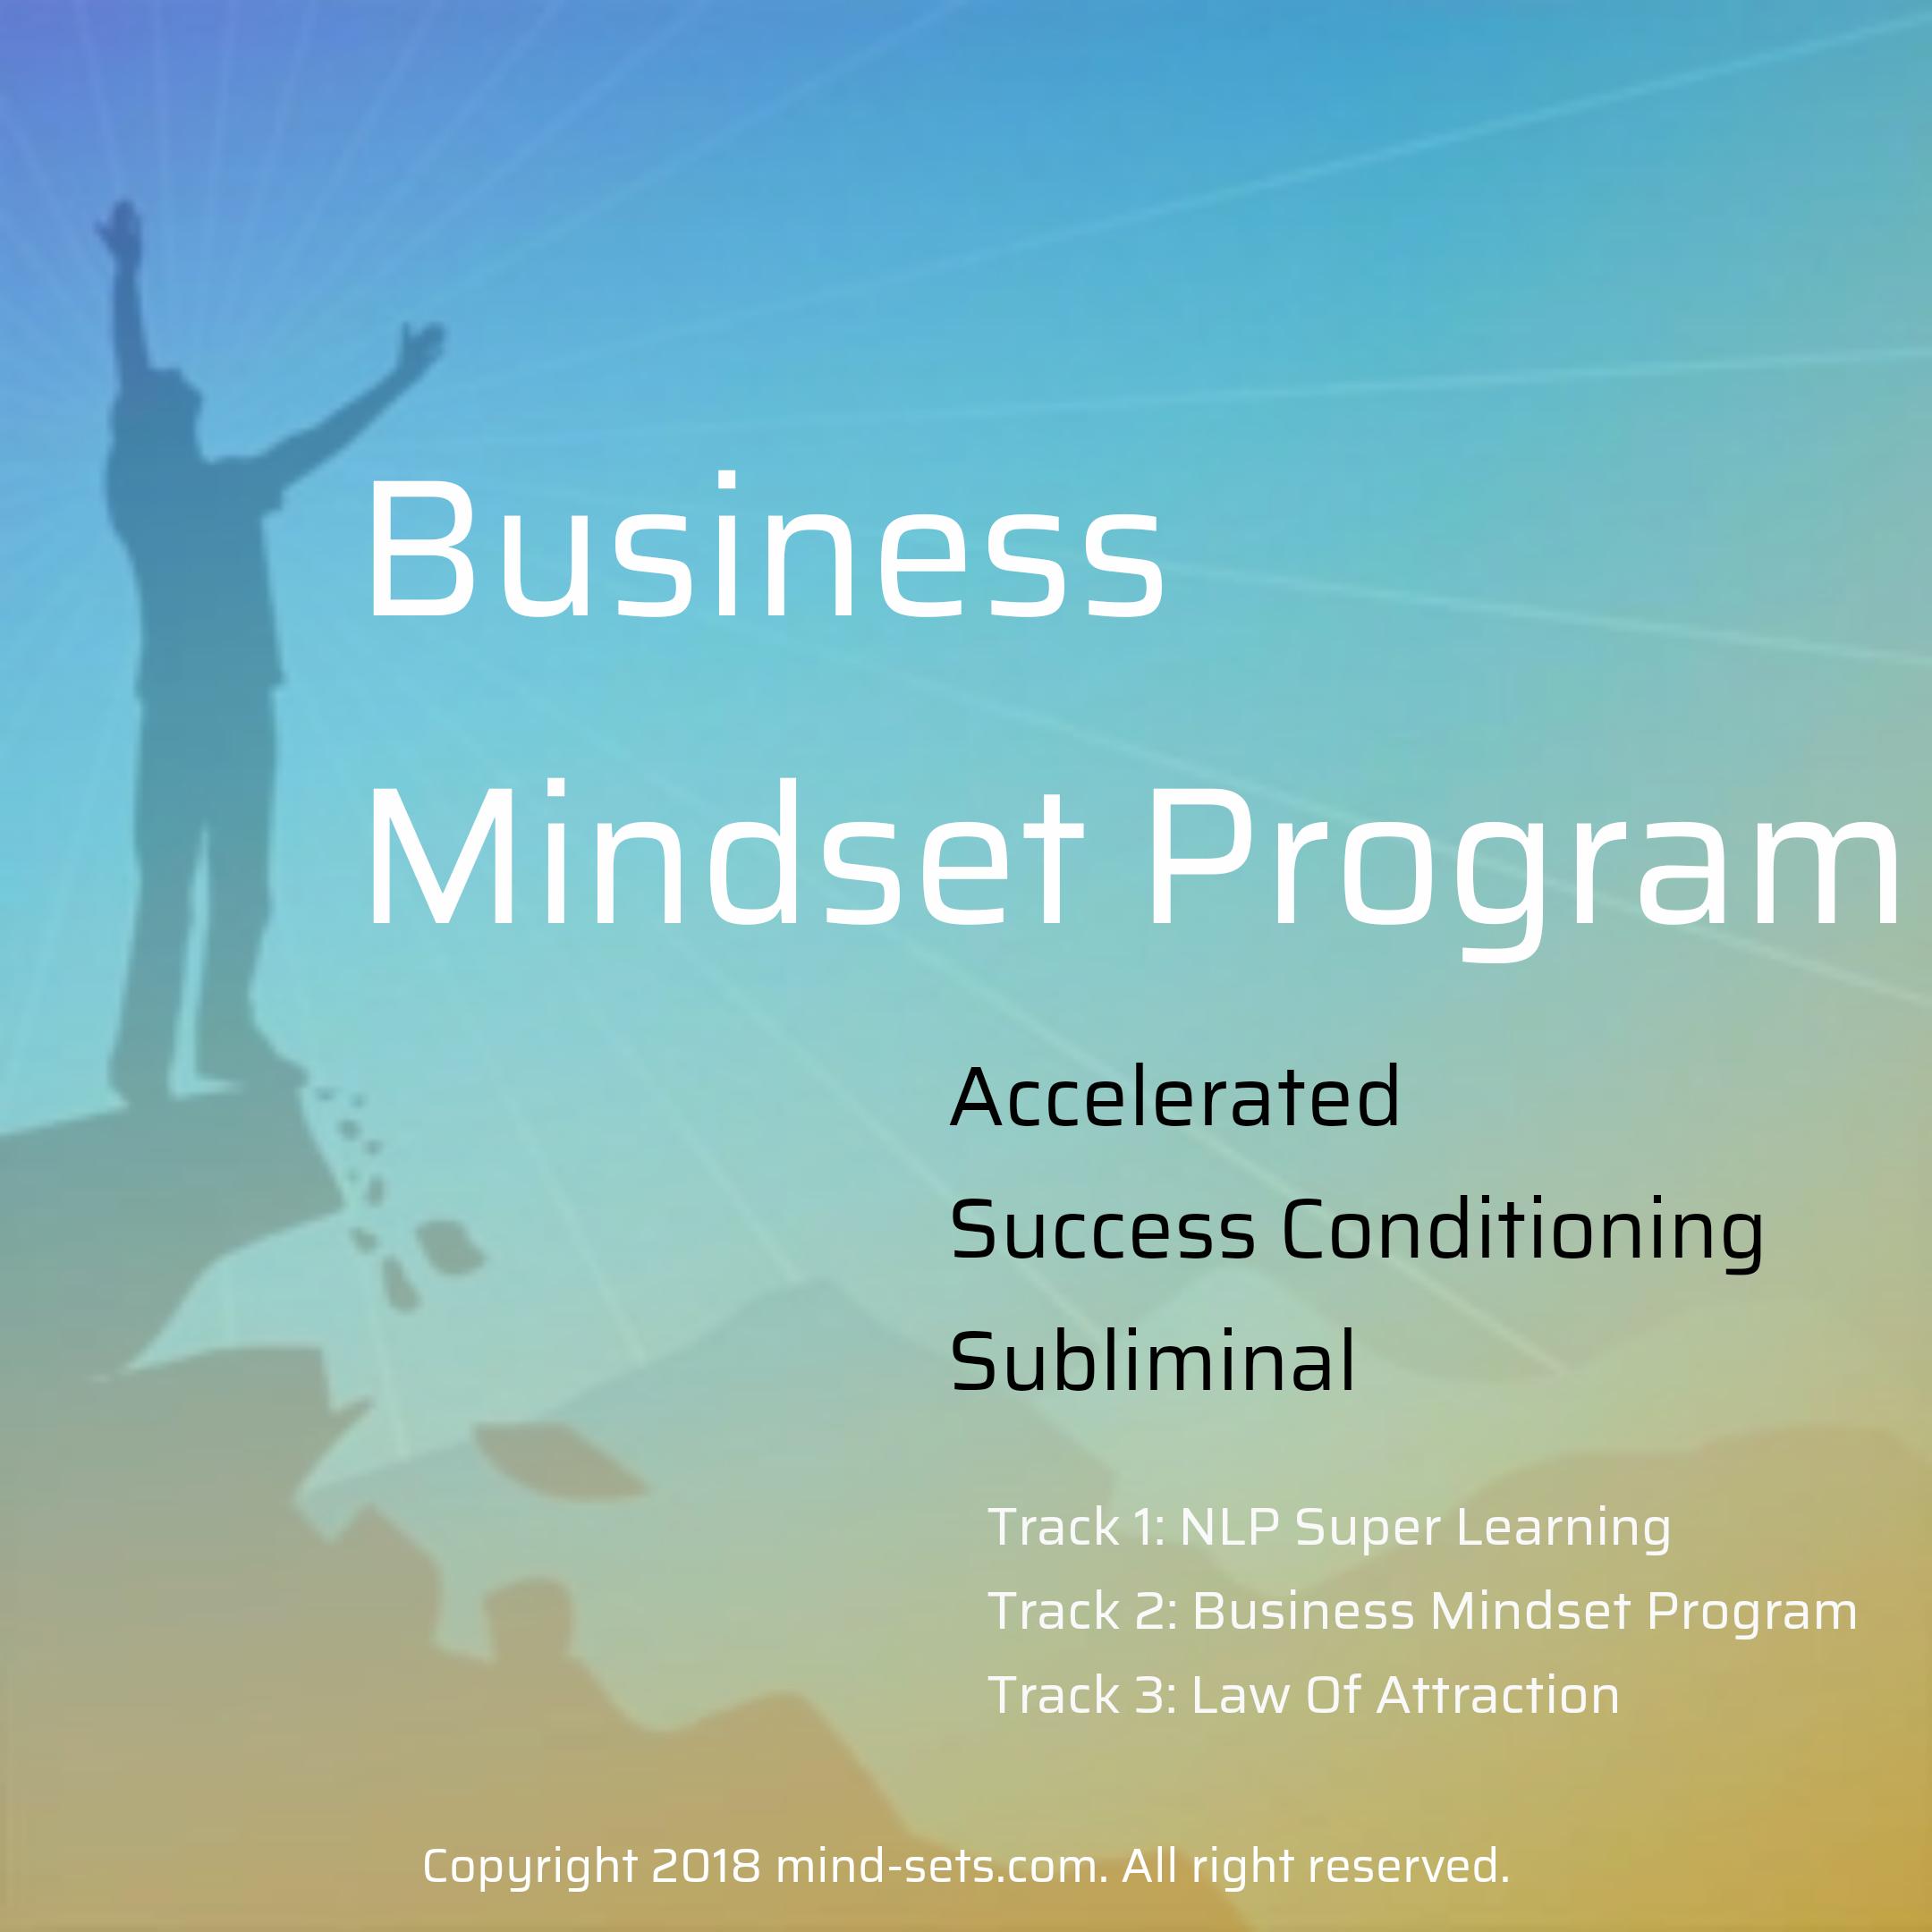 Business Mindset Program